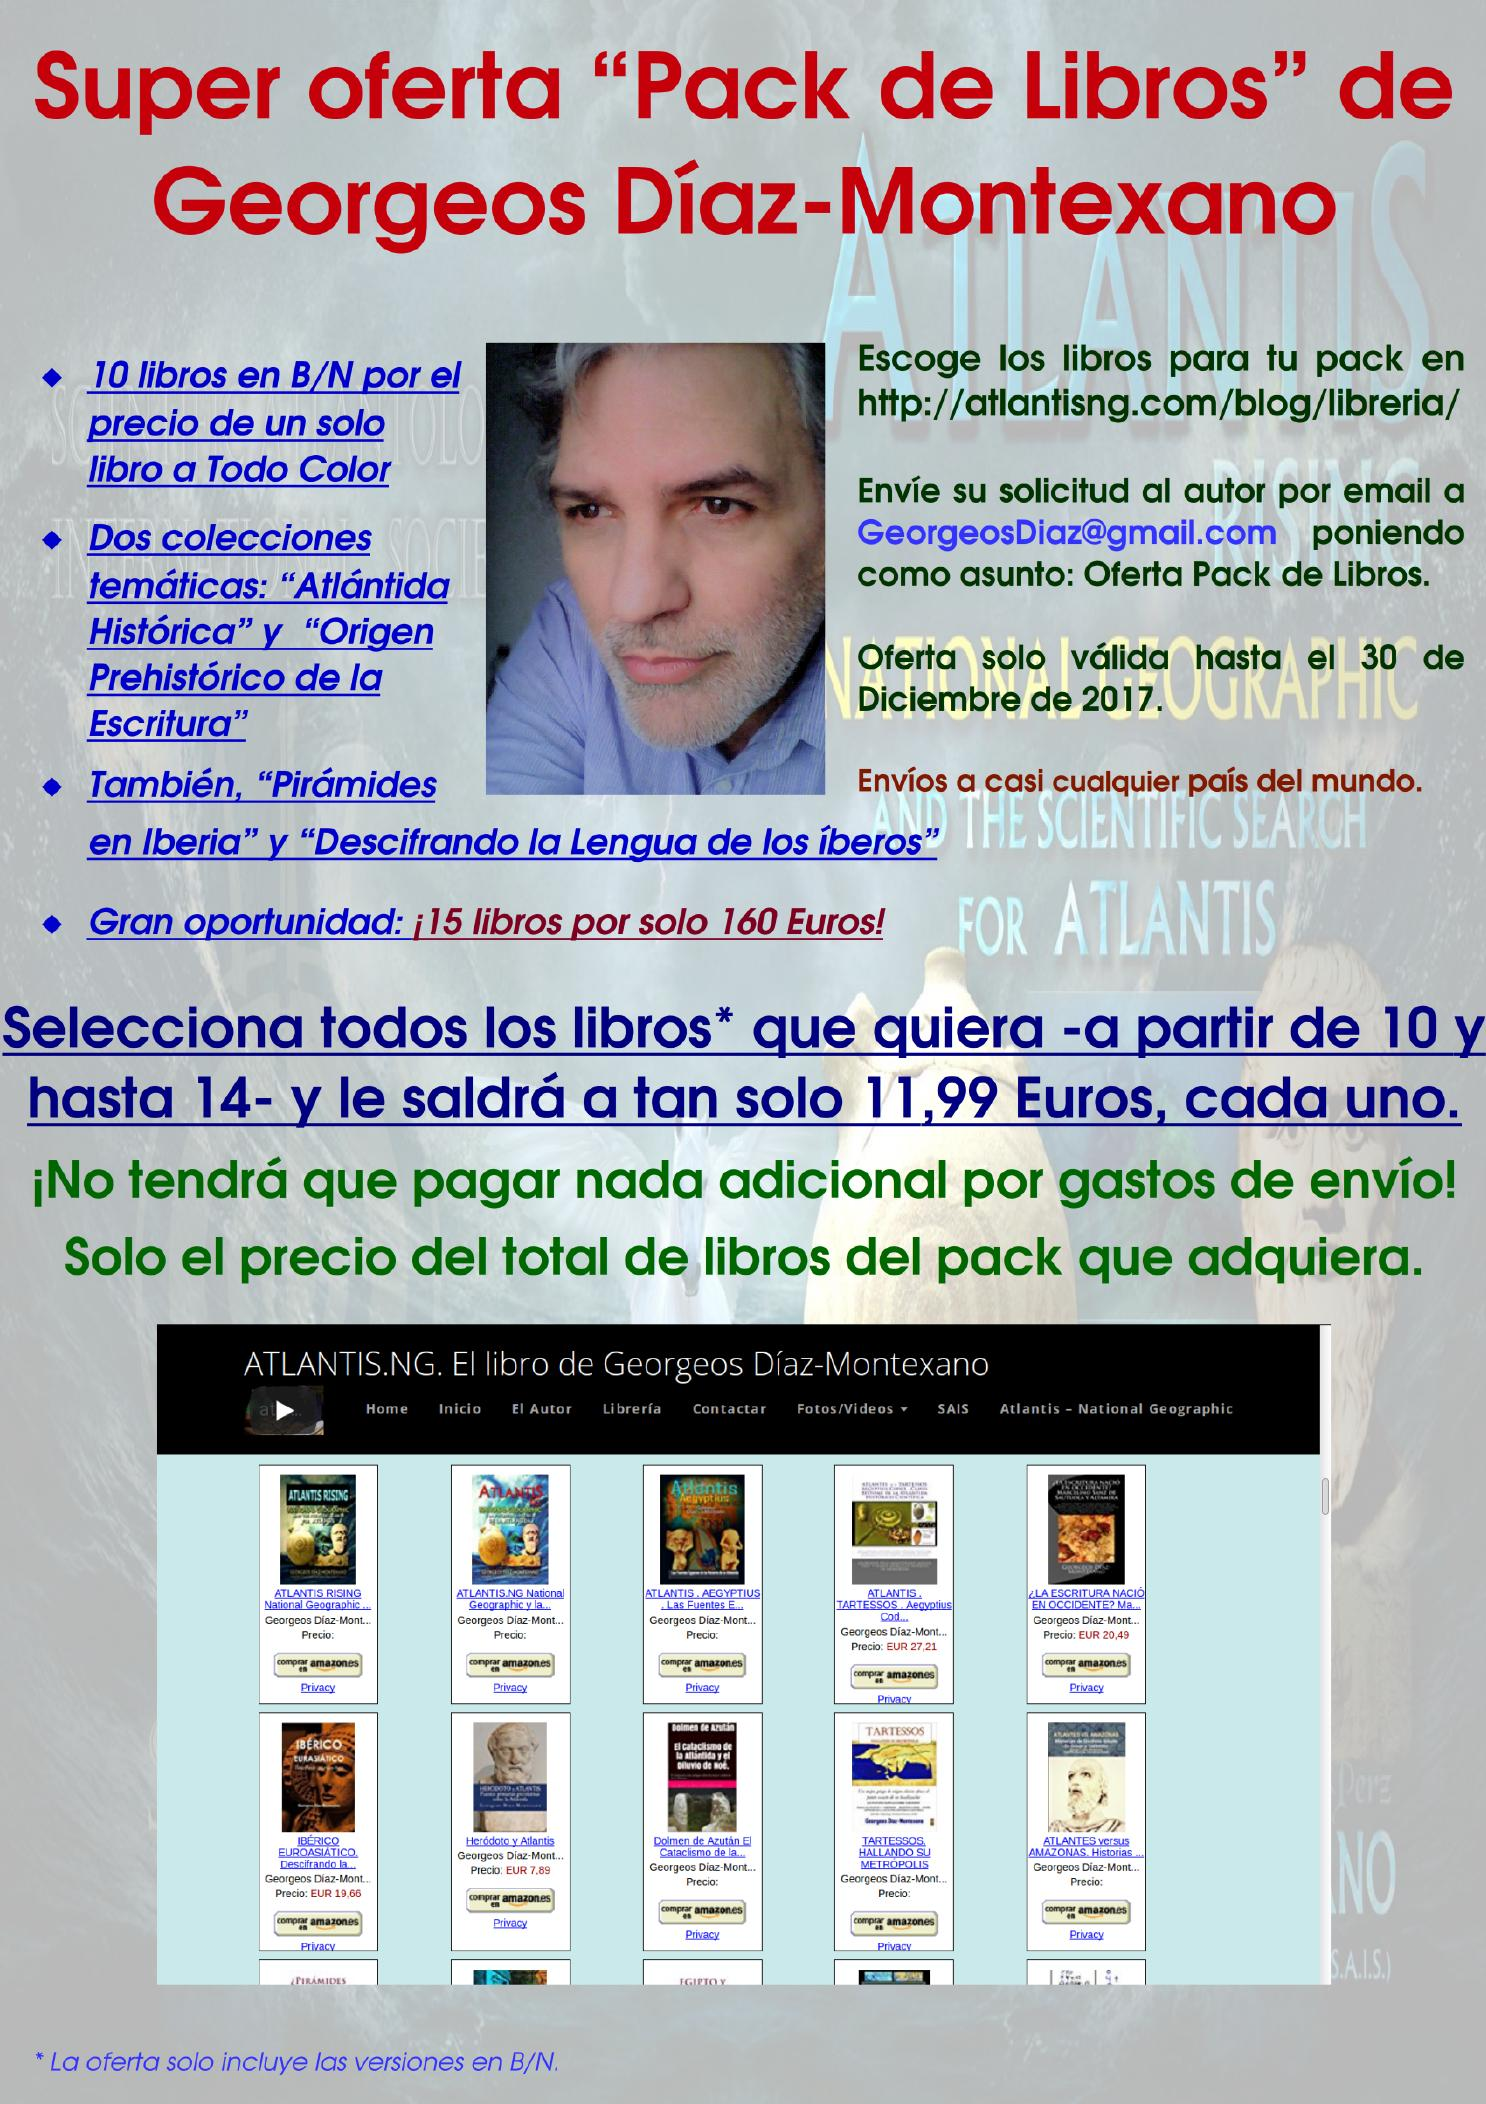 """Super oferta """"Pack de Libros"""" de Georgeos Díaz-Montexano."""